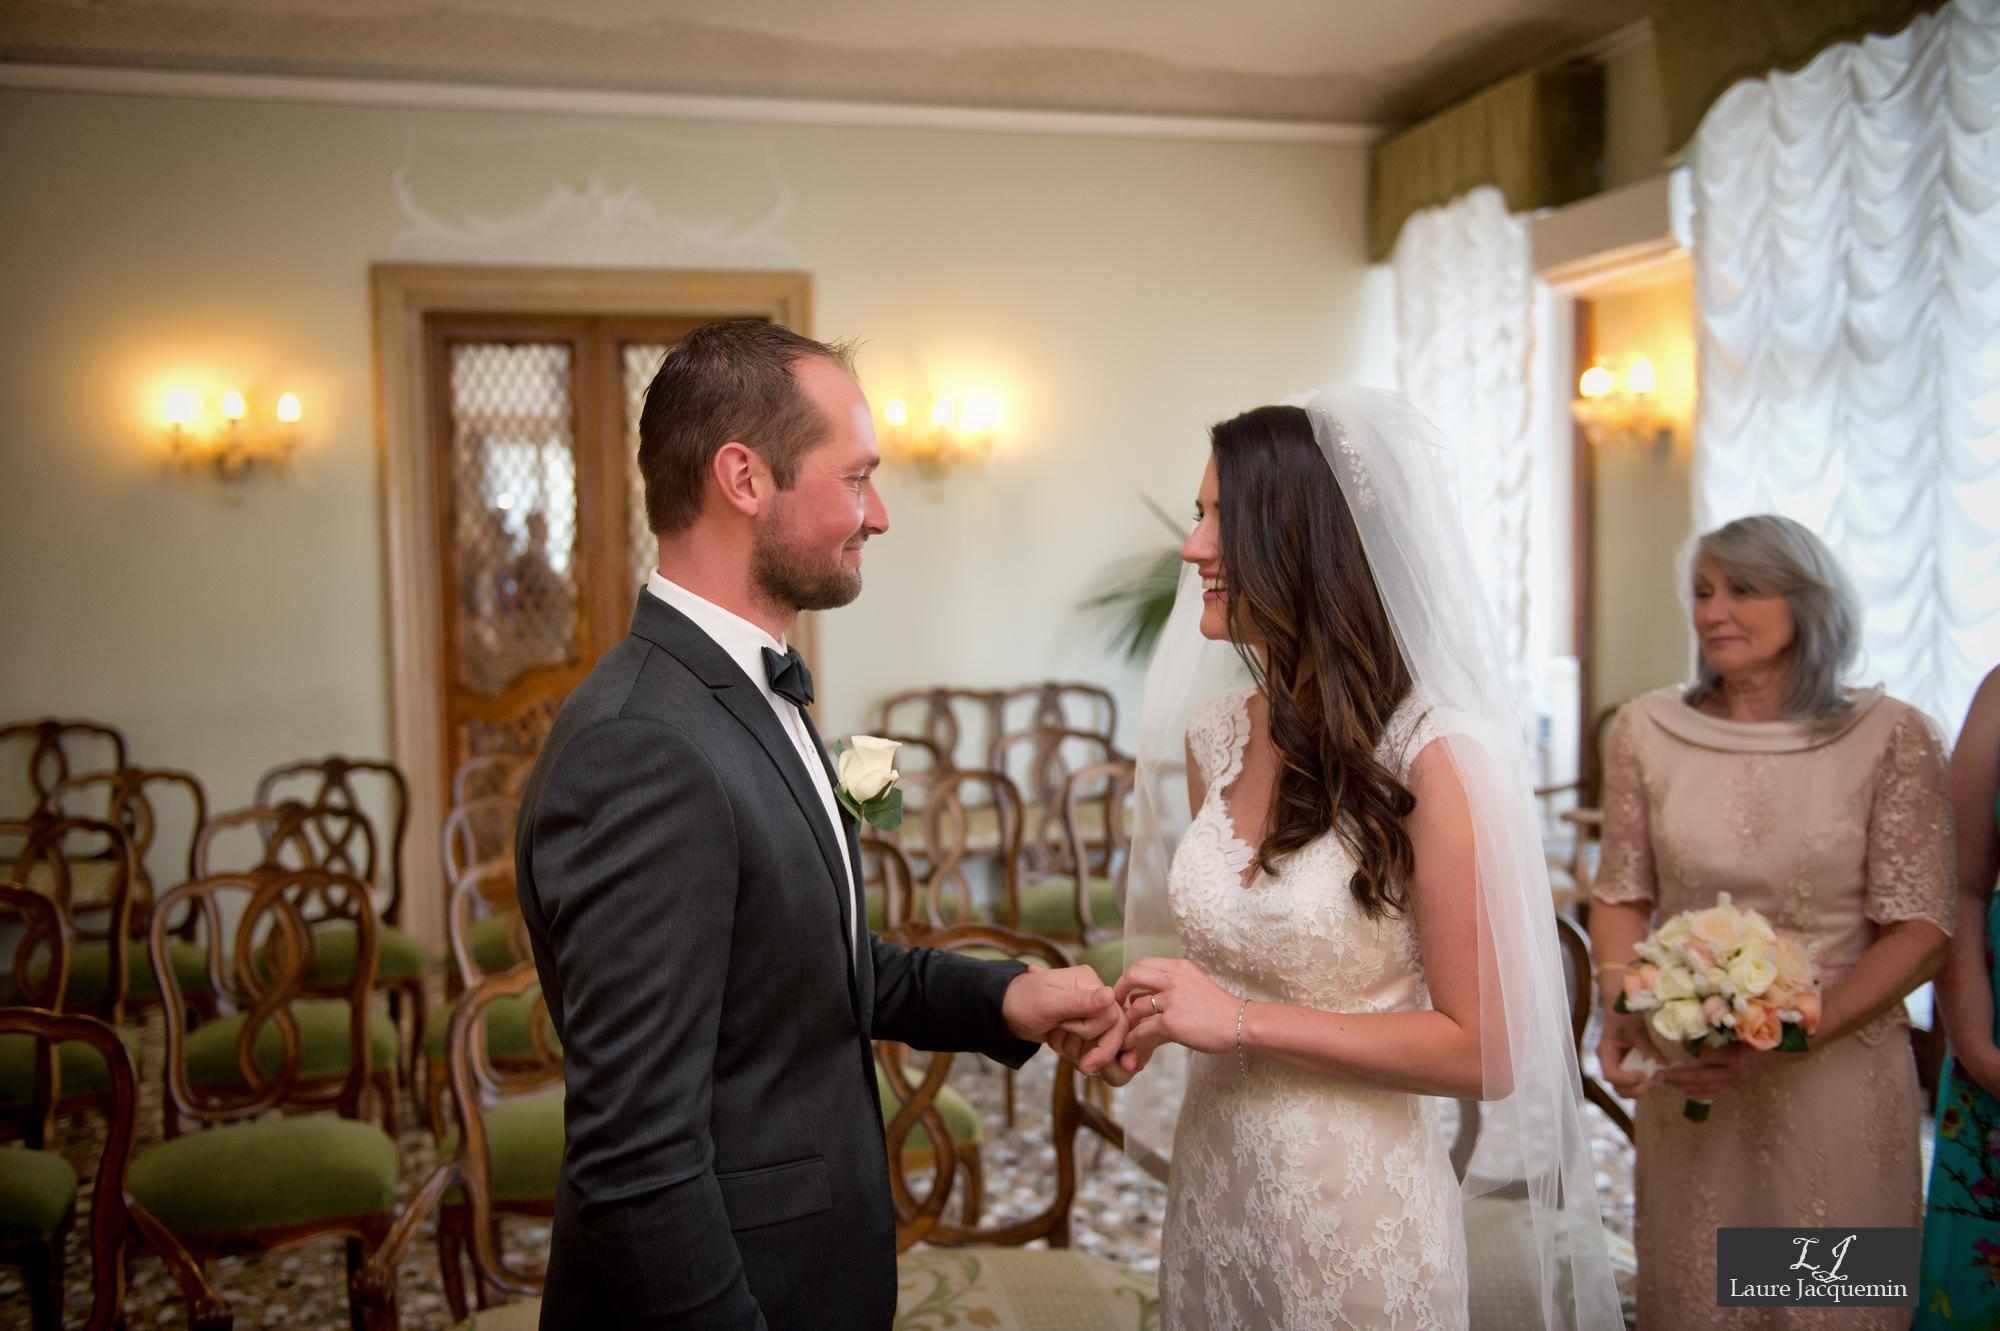 photographe mariage laure jacquemin palazzo cavalli service photographique (28)